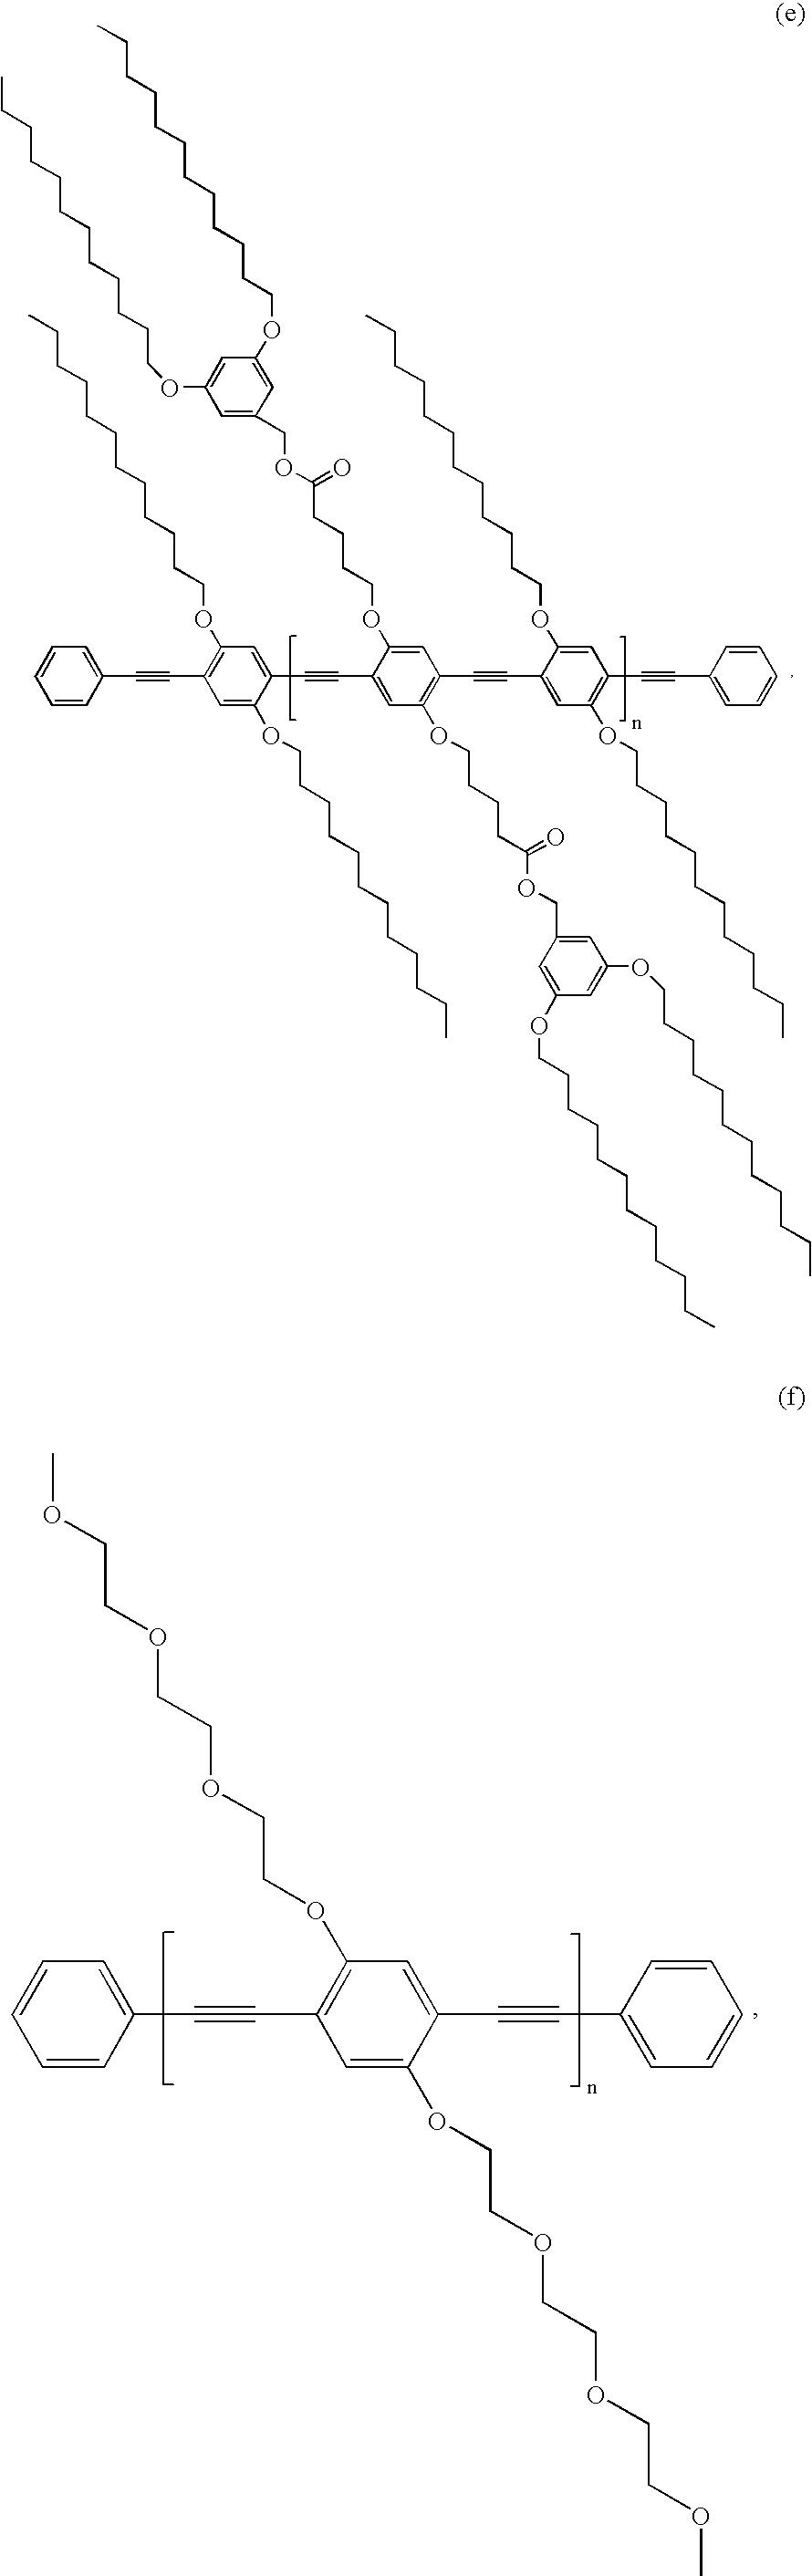 Figure US07479516-20090120-C00088